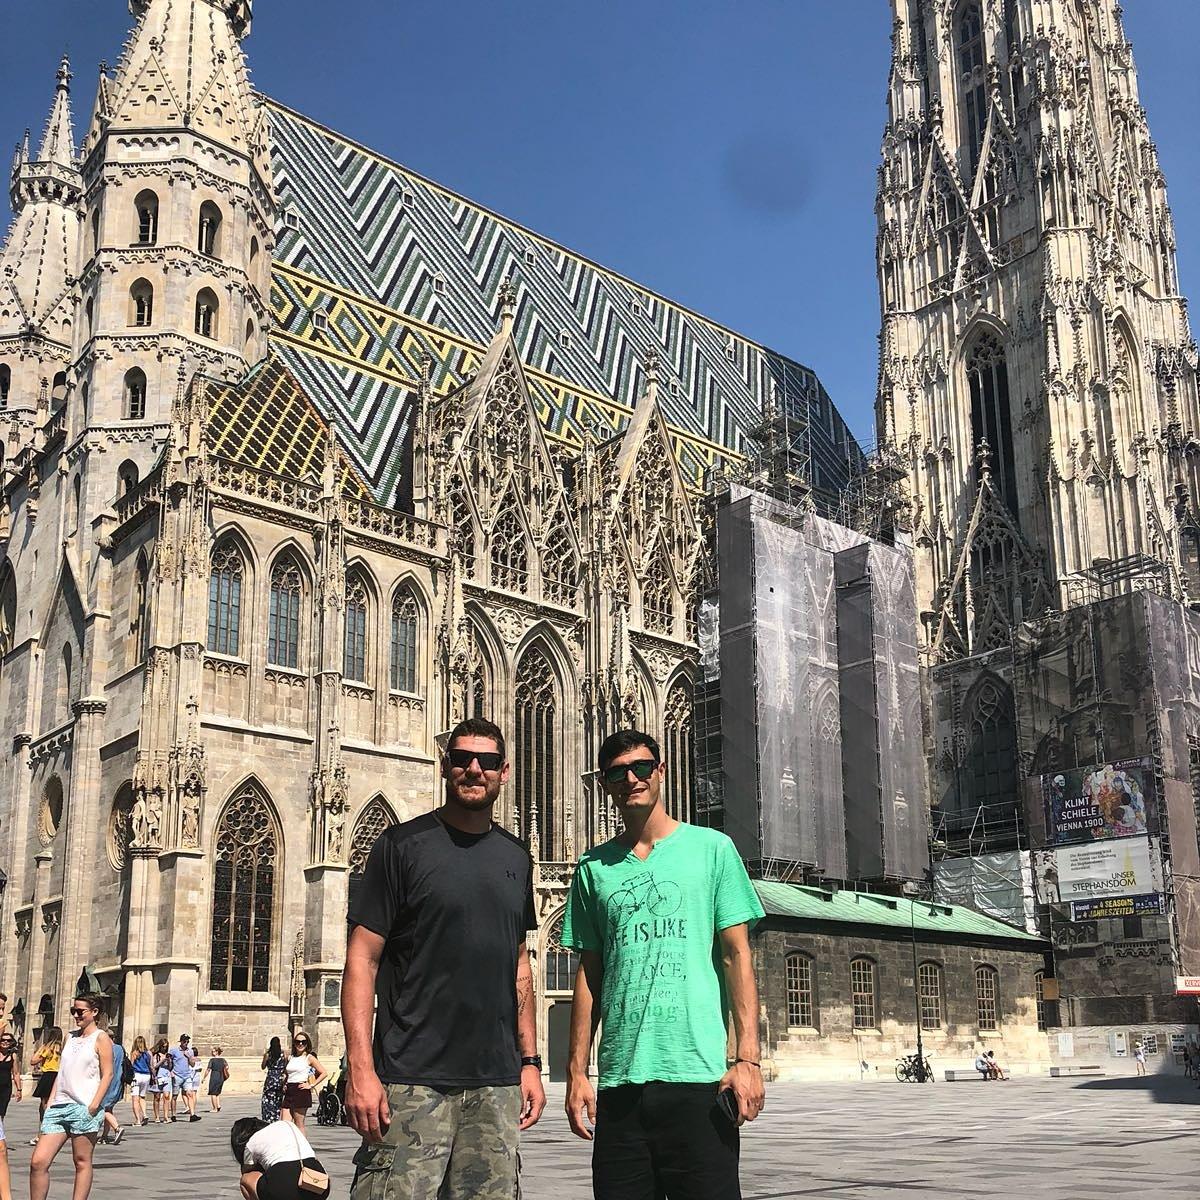 #tbt Nossa passagem por Viena, uma das cidades mais bonitas do Circuito Mundial. Lugar inspirador https://t.co/LUf6ODIw84